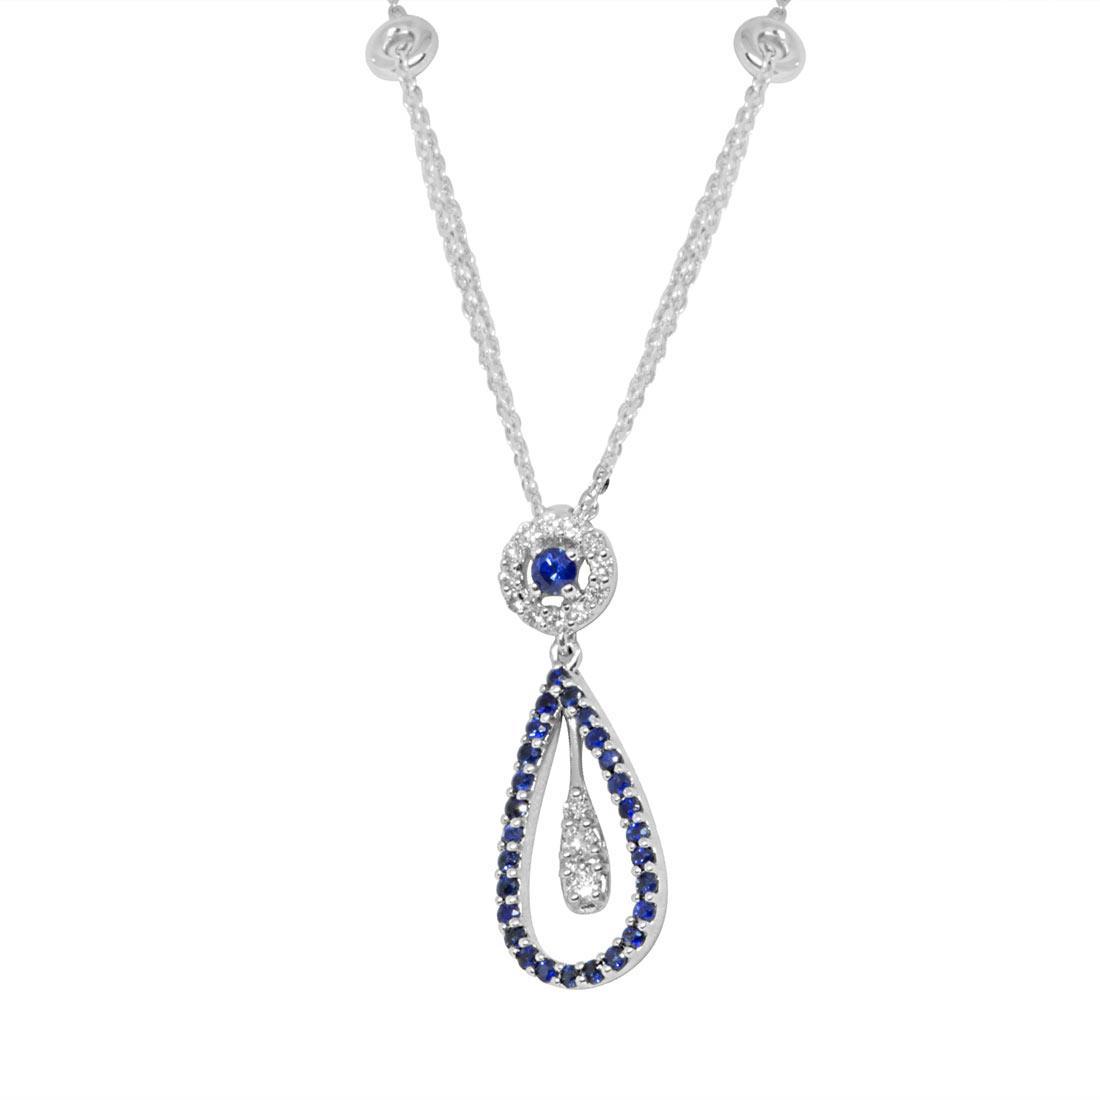 Collana in oro bianco, pendente con zaffiri e diamanti  - ALFIERI ST JOHN